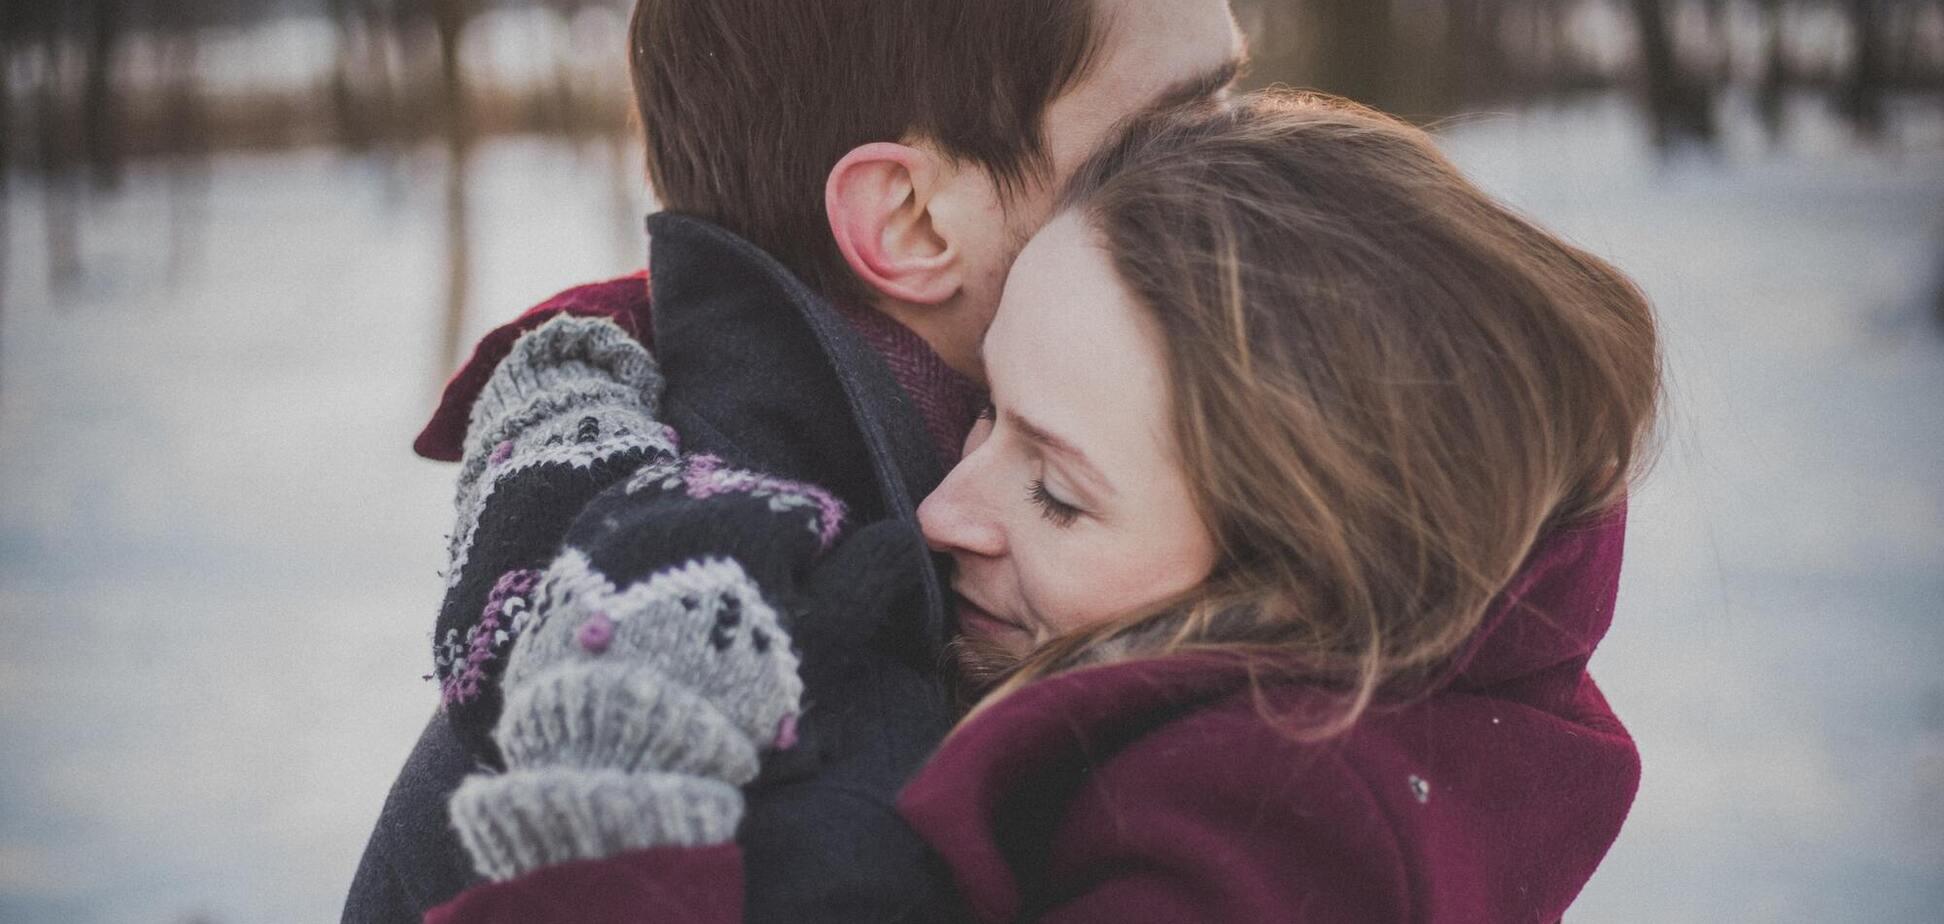 Додаток покликаний запобігти раннім шлюбам людей, які не підходять одне одному